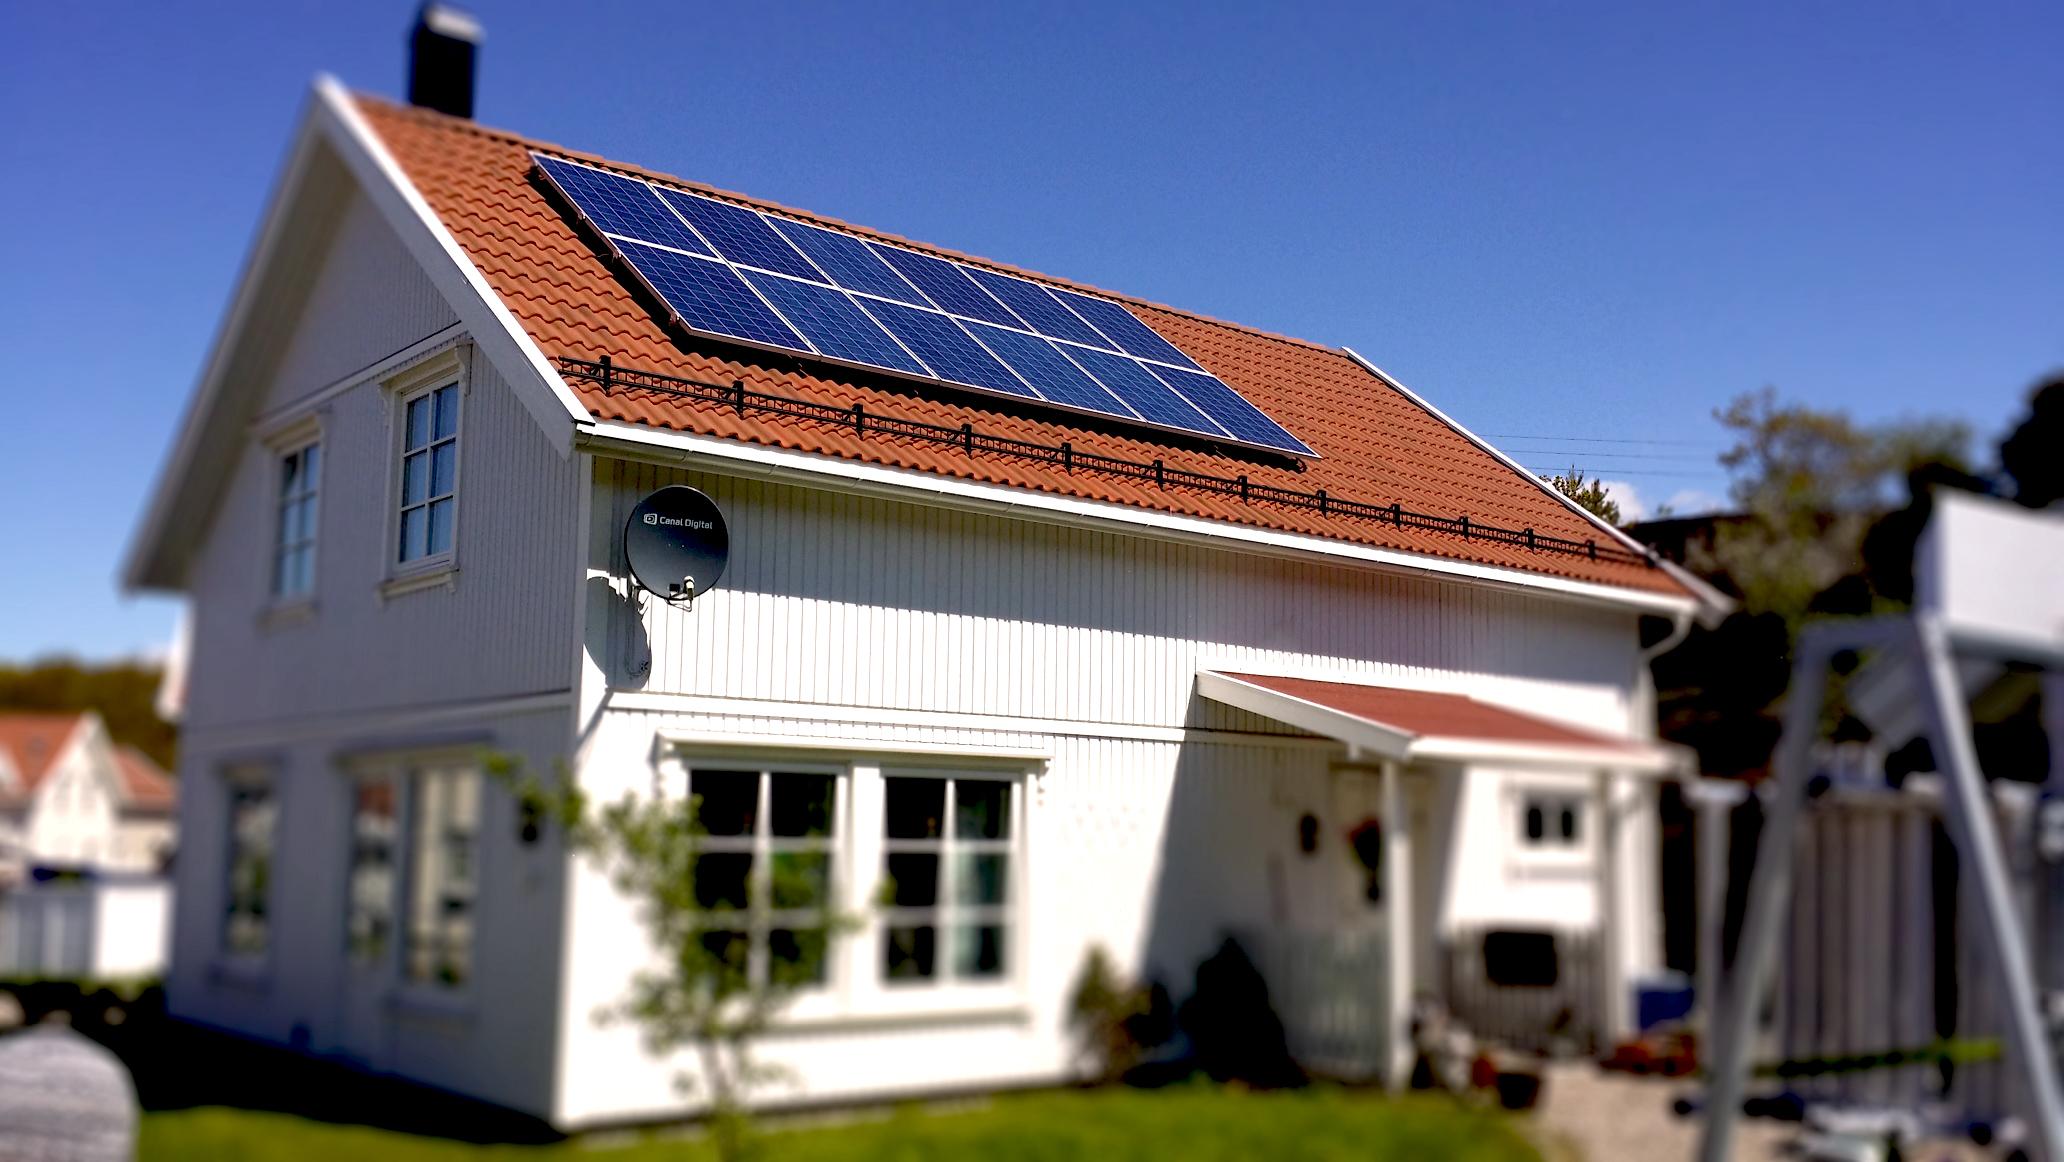 - En typisk boliginstallasjon er 3kW som dekker 20 kvm på taket, og koster ca. 43.000,- kroner etter Enovastøtte, og er billigere for de som bor i Oslo, sier Morten Hagen i strømselskapet Smart Energi.